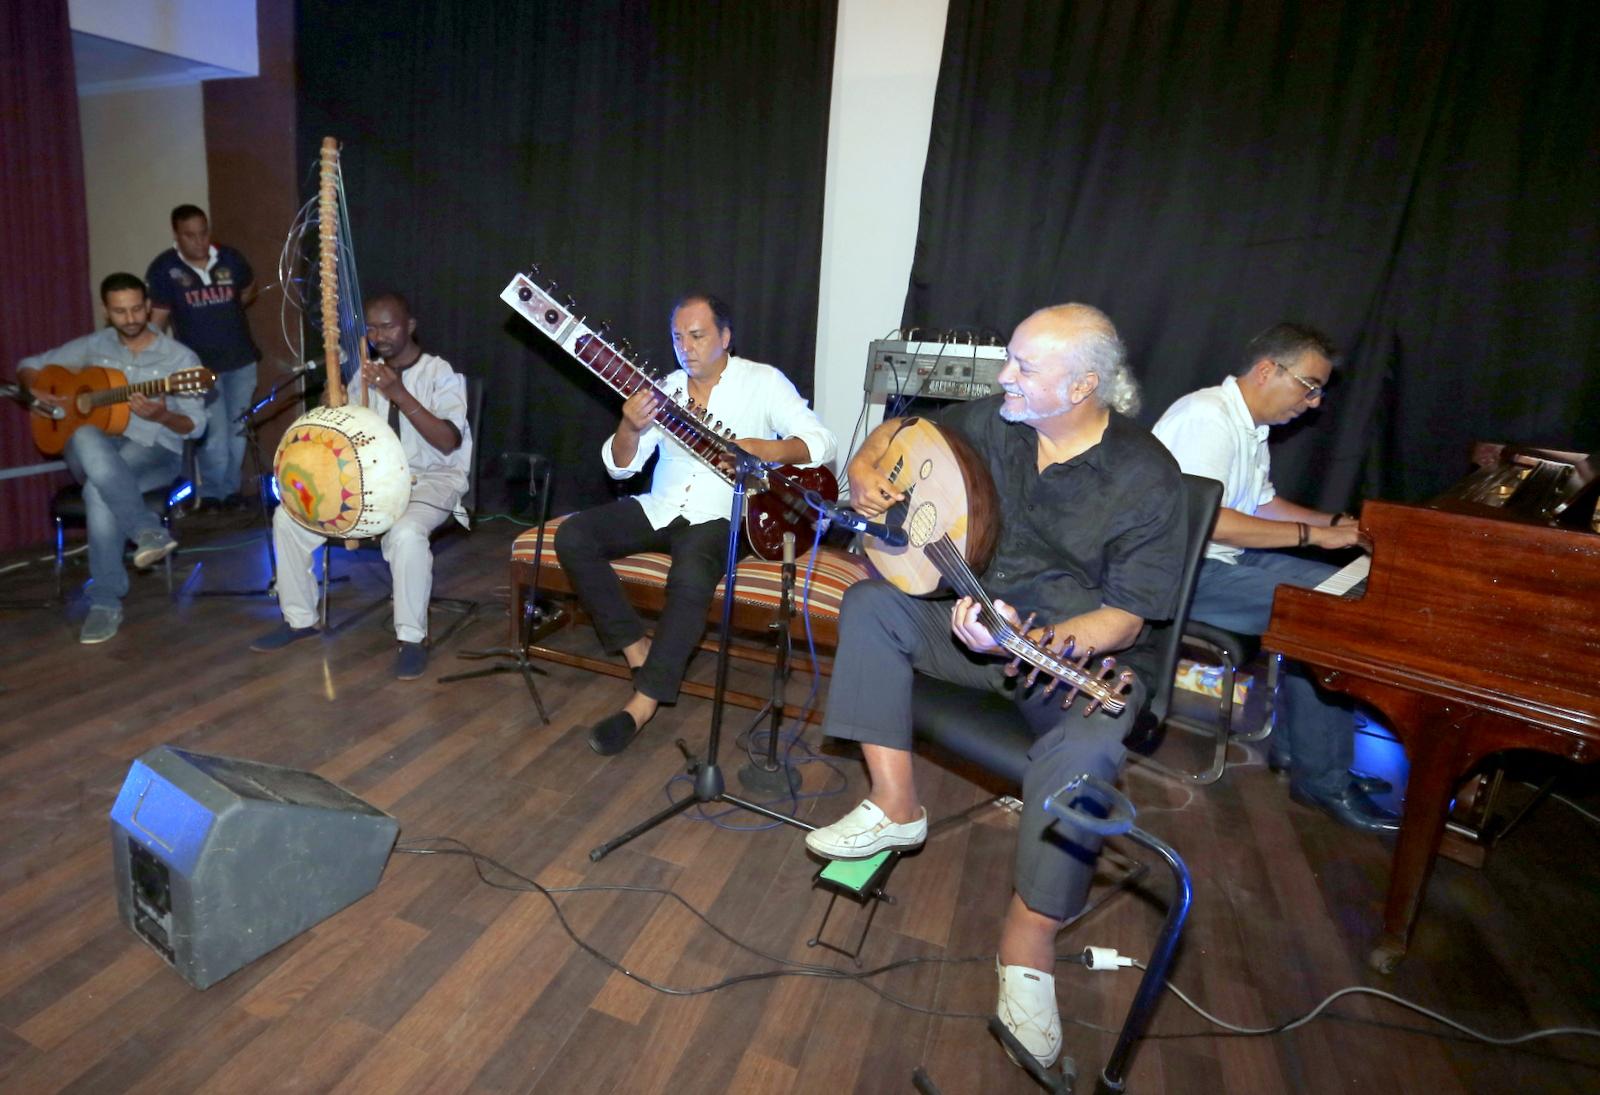 La conversation harmonieuse  des rimes  et des rythmes